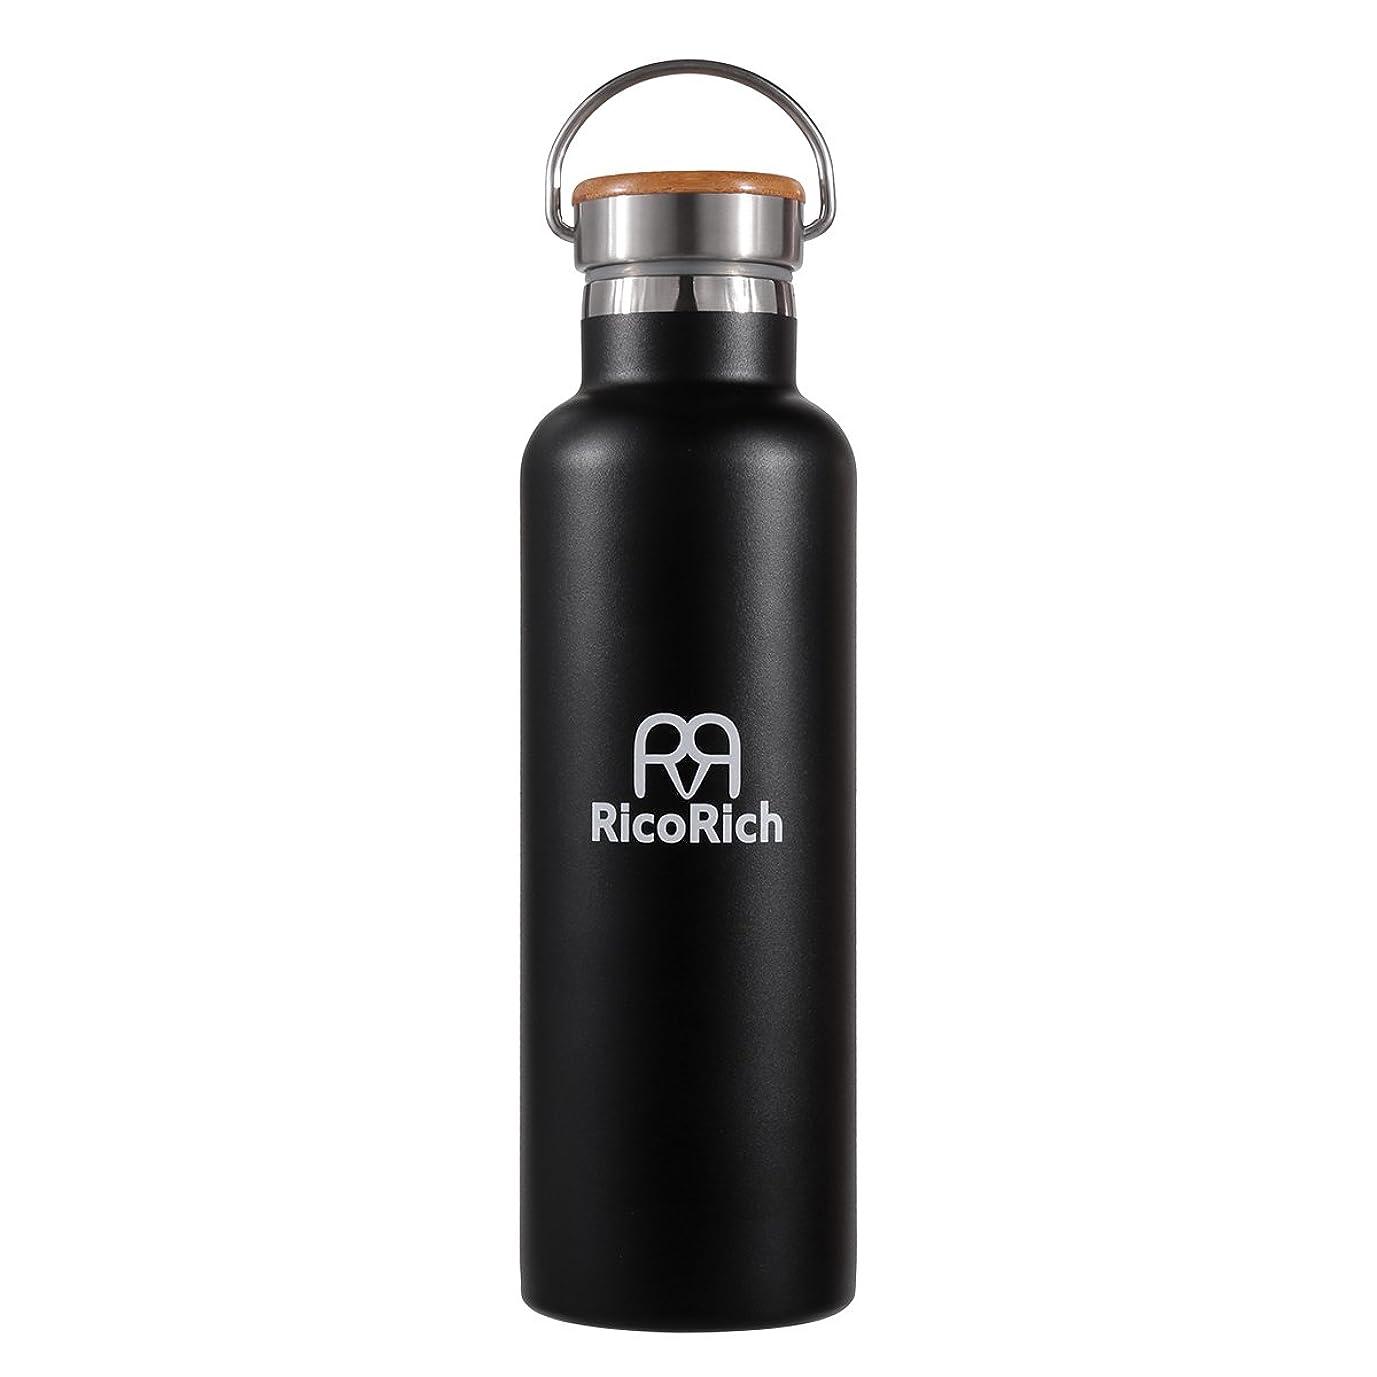 六月モスク緩めるRicoRich 真空断熱 保温 保冷 ステンレス水筒  スポーツボトル 750ml ブラック(RRWB06-BK)